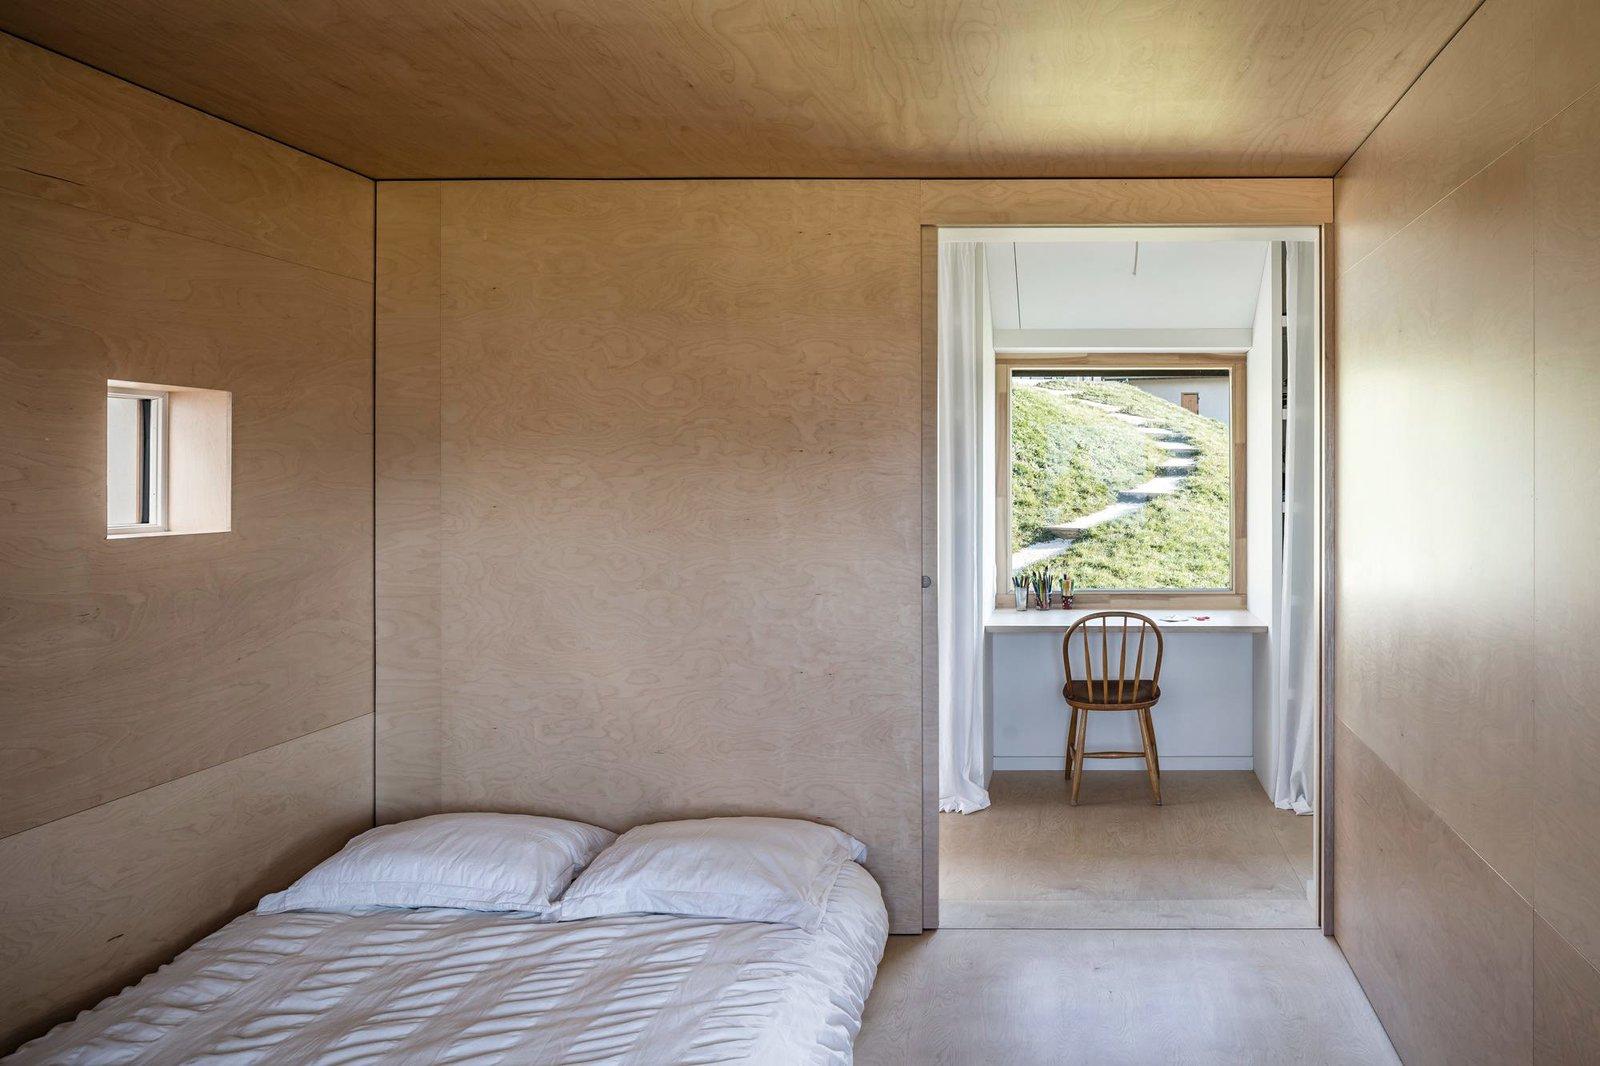 Photo 8 of 9 in House In Villard-de-Lans